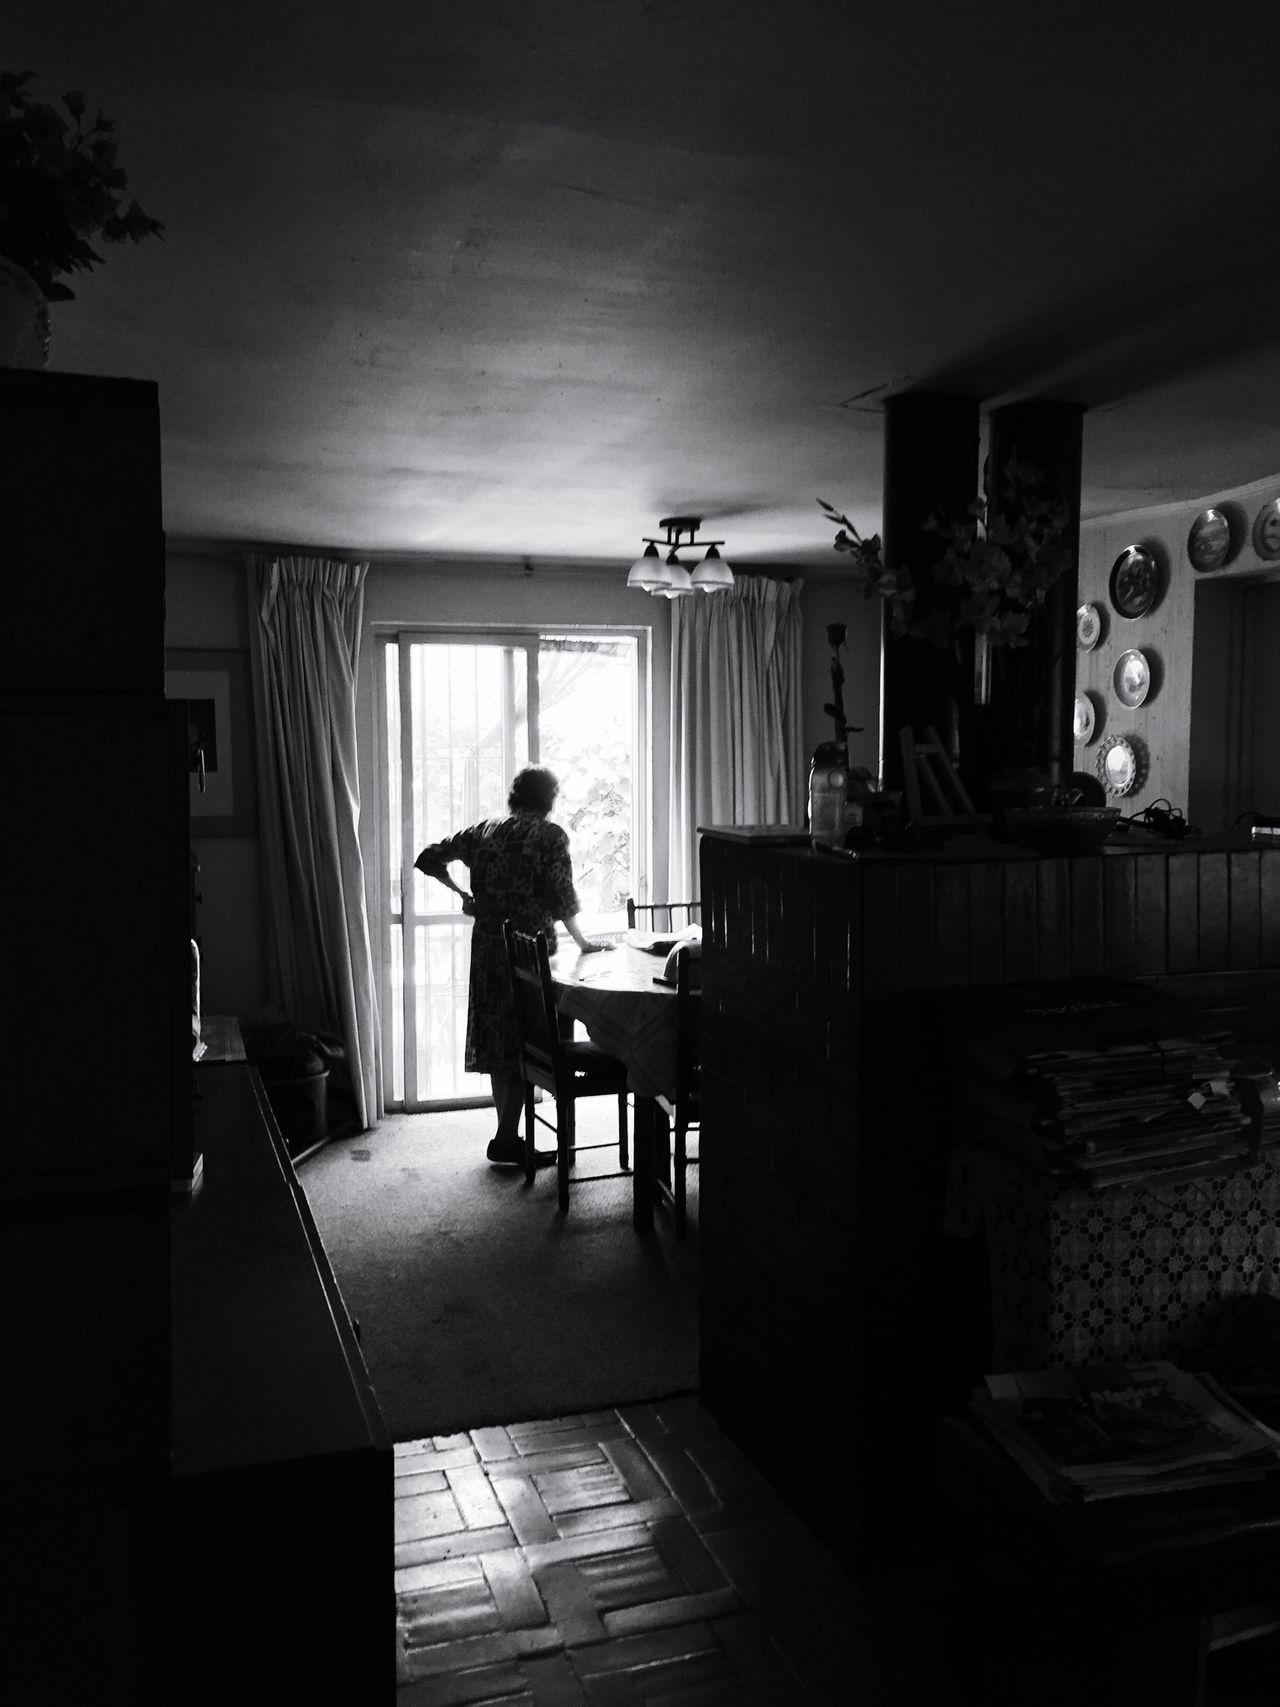 Abuela Indoors  One Person Day Grandma Abuela Blanco Y Negro Claroscuro Las Condes Chile